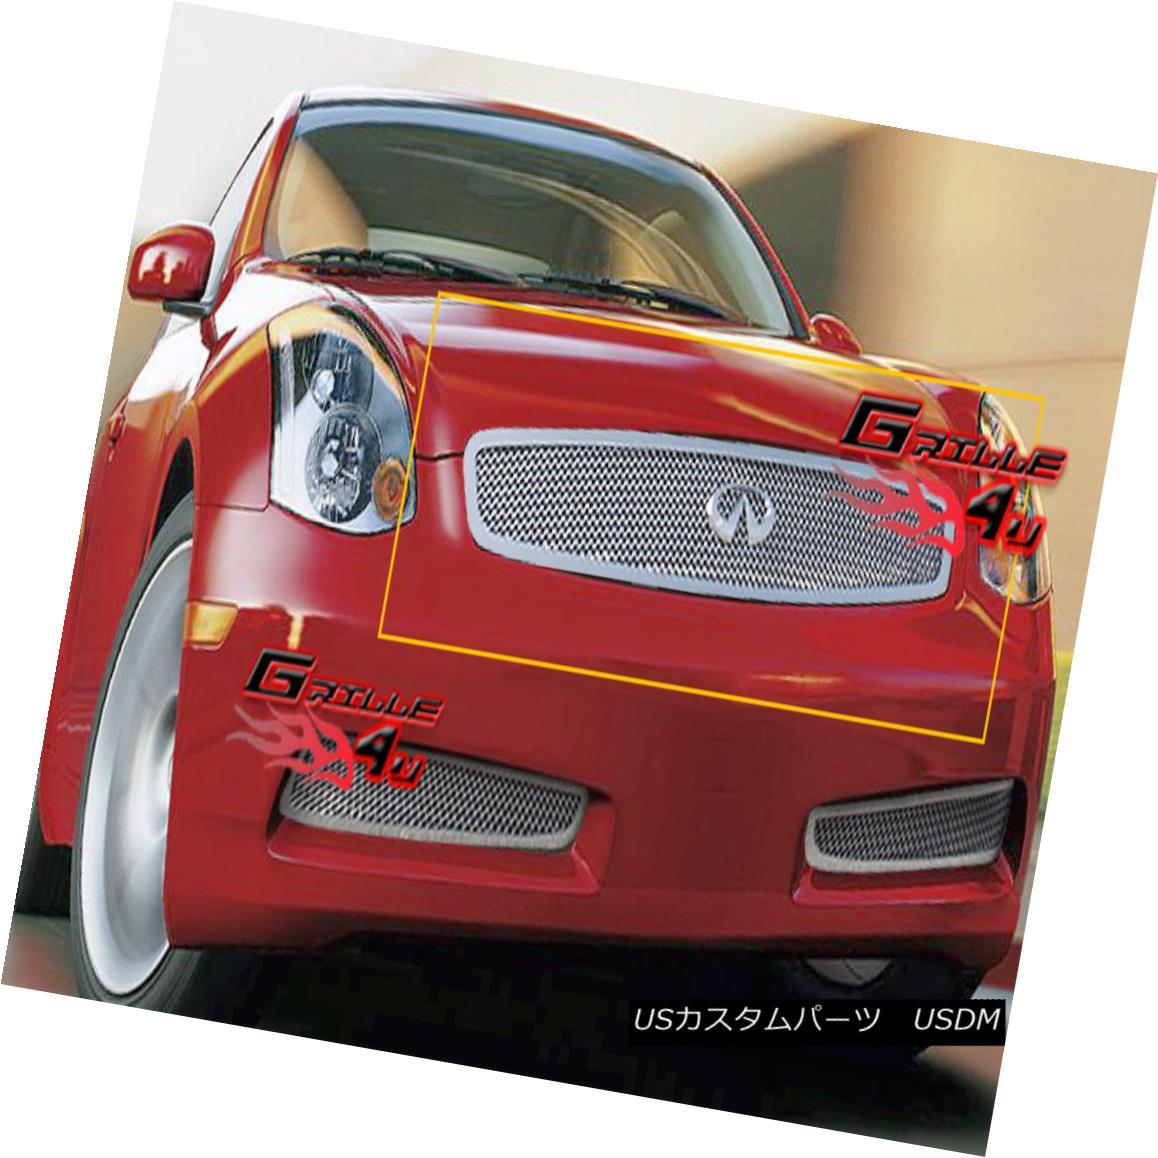 グリル Fits 2003-2007 Infiniti G35 Coupe Only Stainless Steel Mesh Grille Insert フィット2003-2007インフィニティG35クーペのみステンレスメッシュグリルインサート